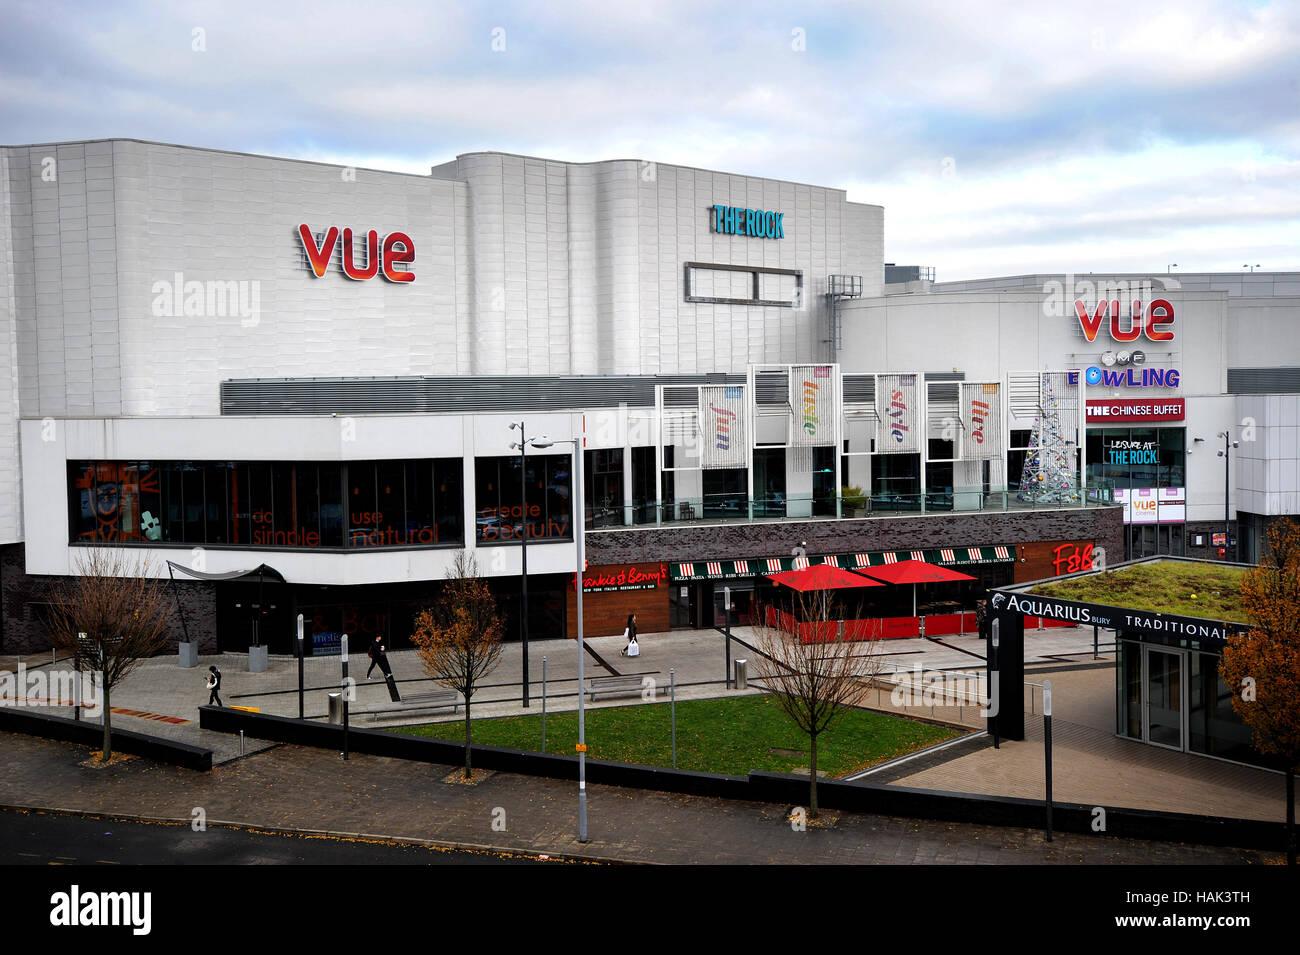 La Roche, shopping et de divertissement, Bury, Lancashire. Photo par Paul Heyes, Jeudi 01 Décembre, 2016. Photo Stock